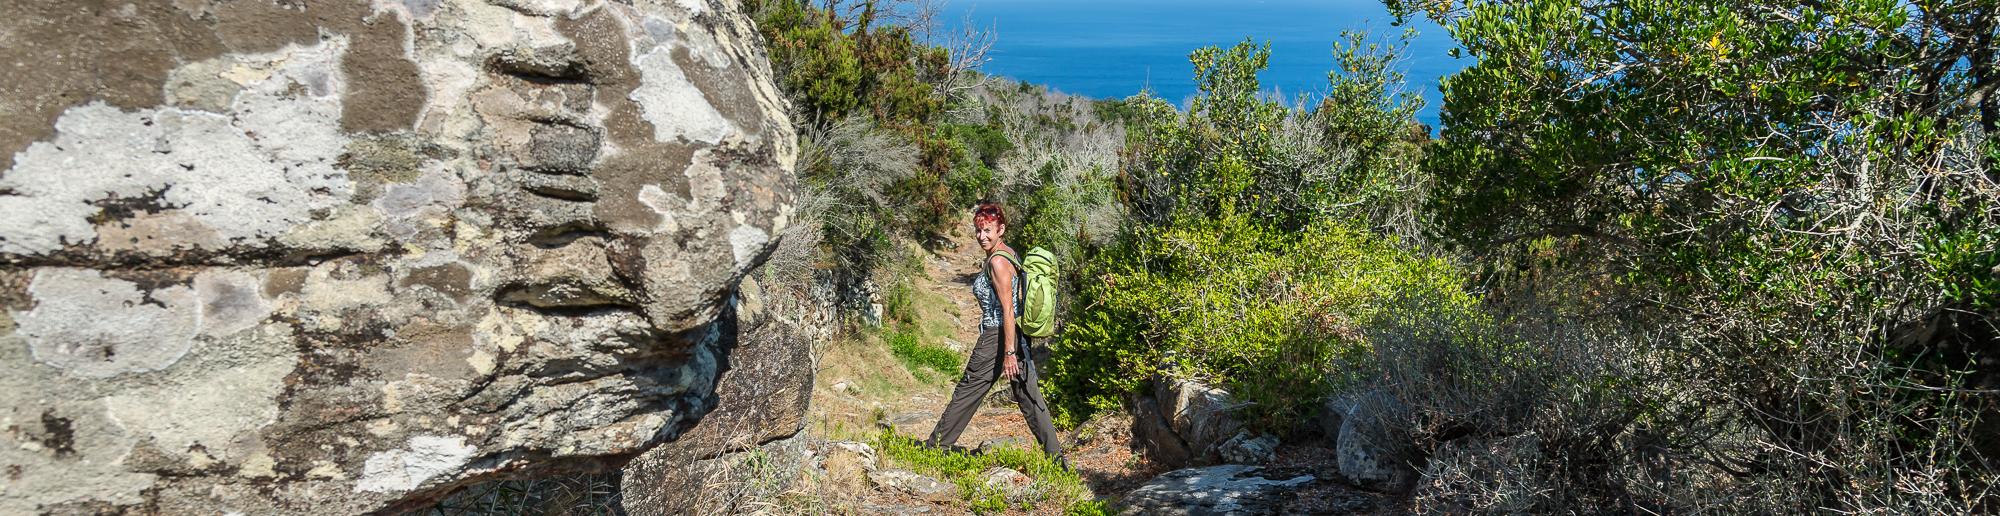 Wanderung auf der Insel Giglio